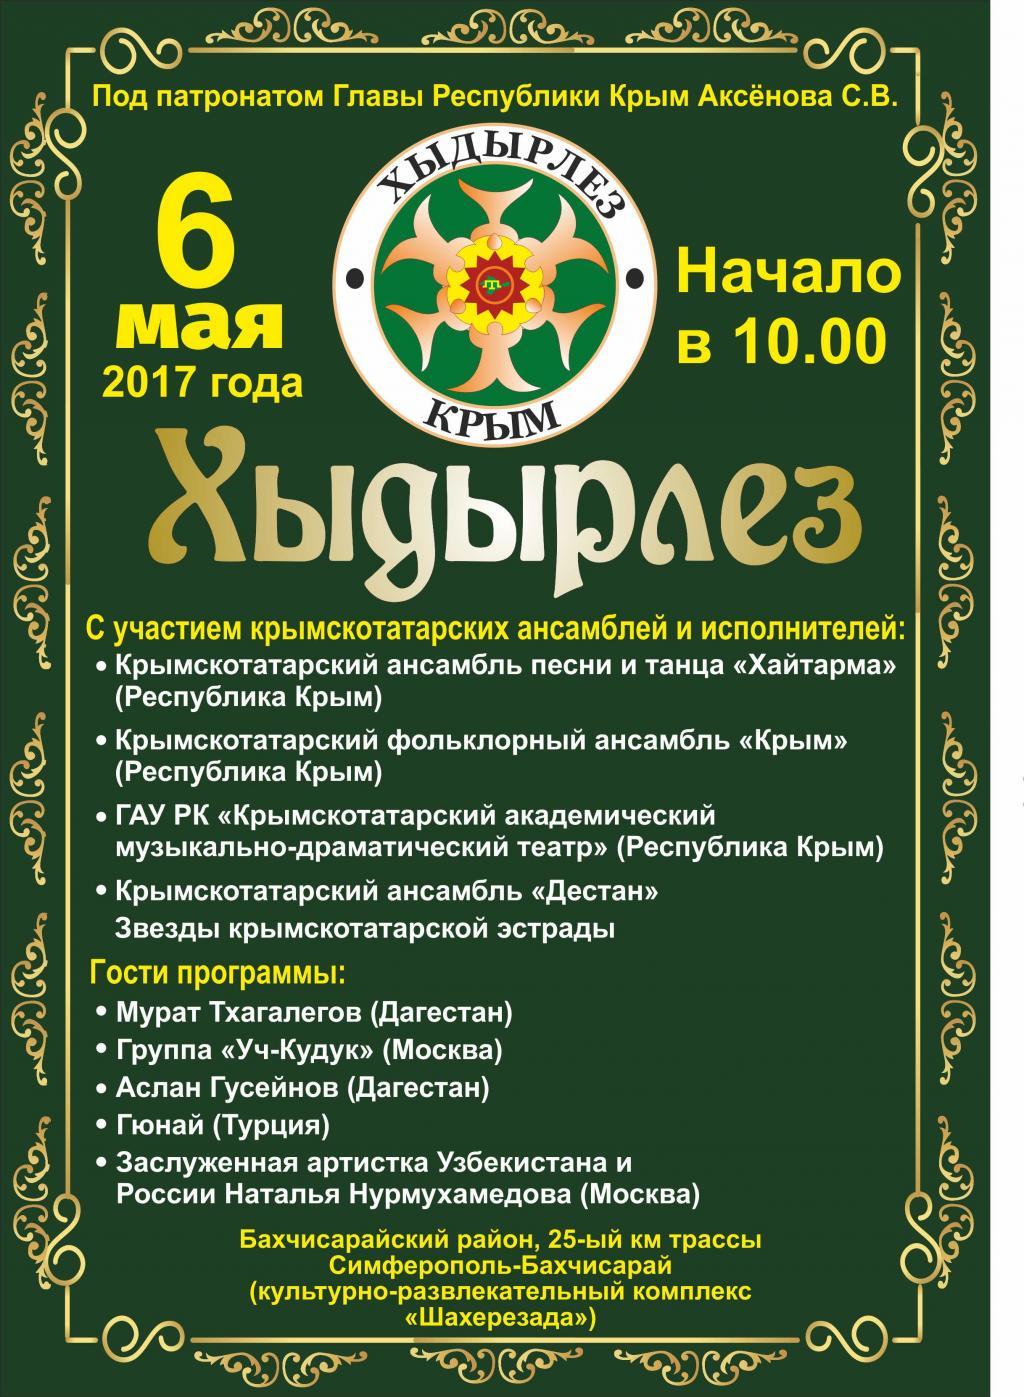 Фото новости - Крымскотатарский национальный праздник «Хыдырлез»